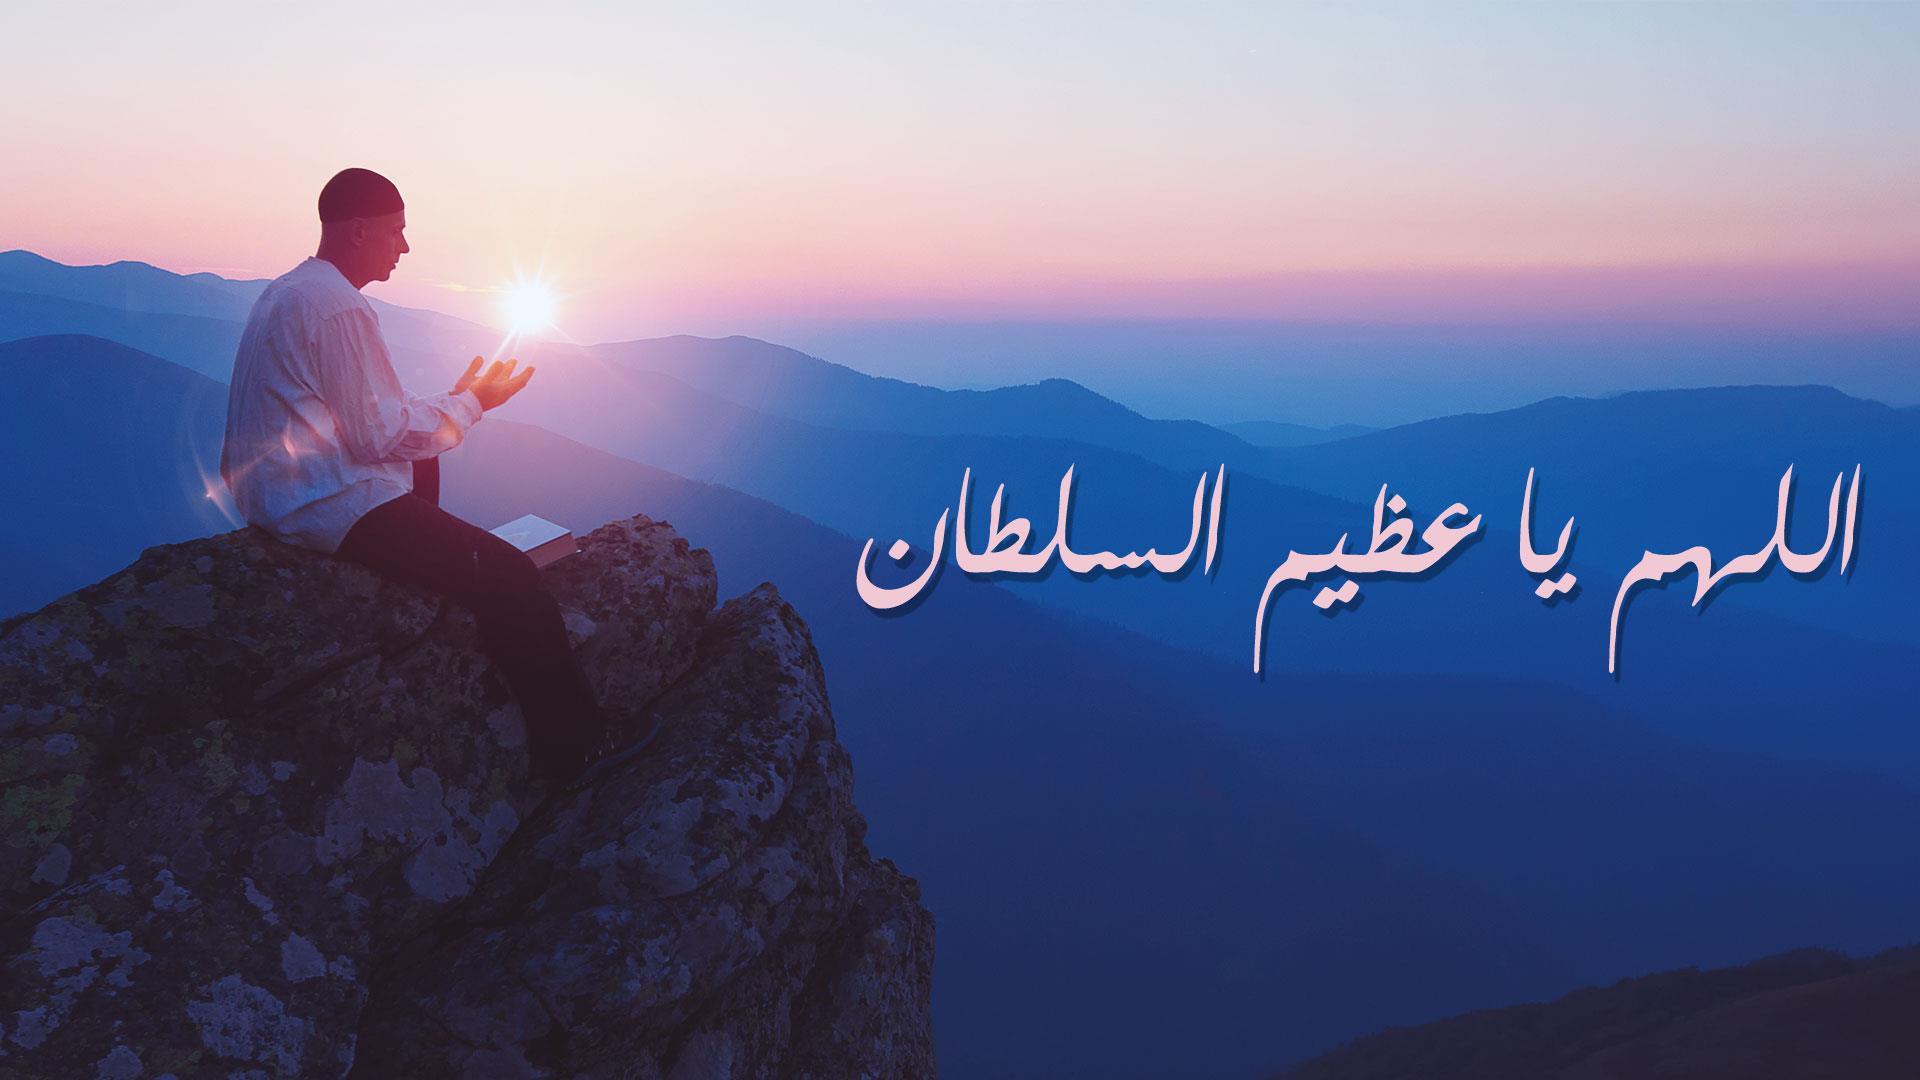 اللهم يا عظيم السلطان  منصة المناجاة الرقمية